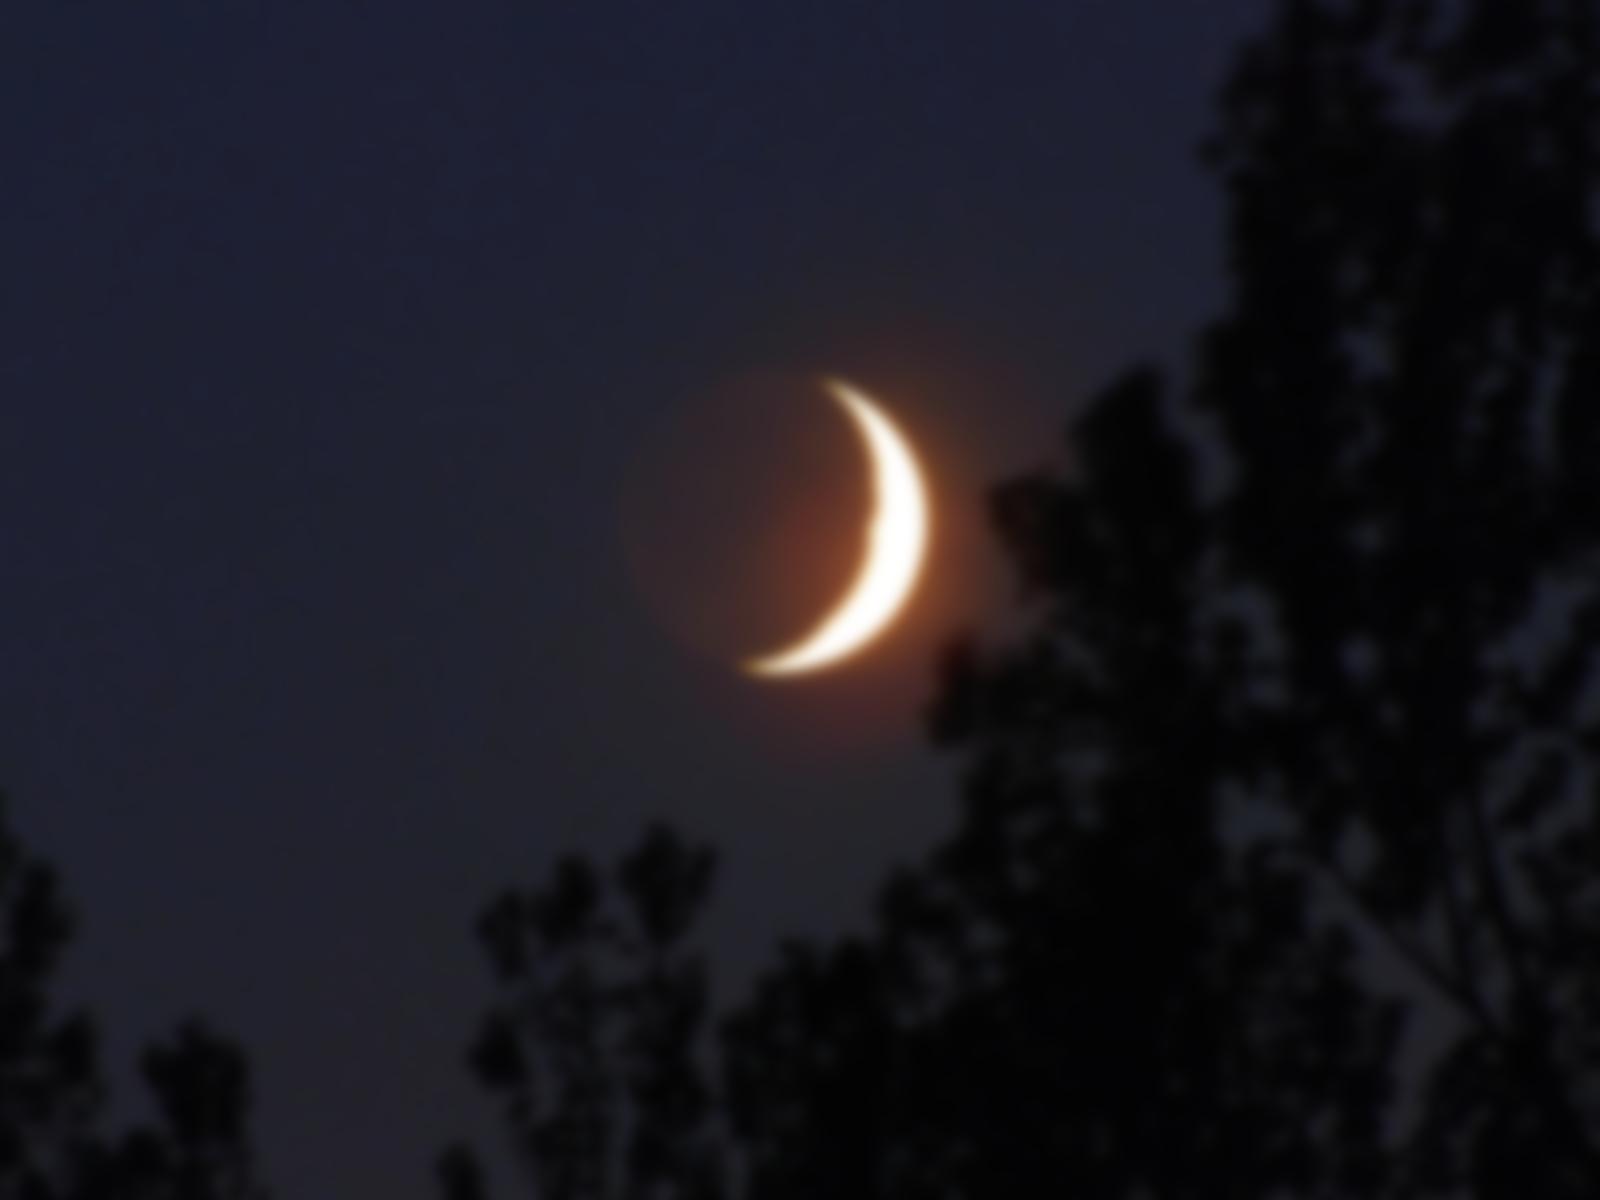 Картинки с растущей луной и звездами